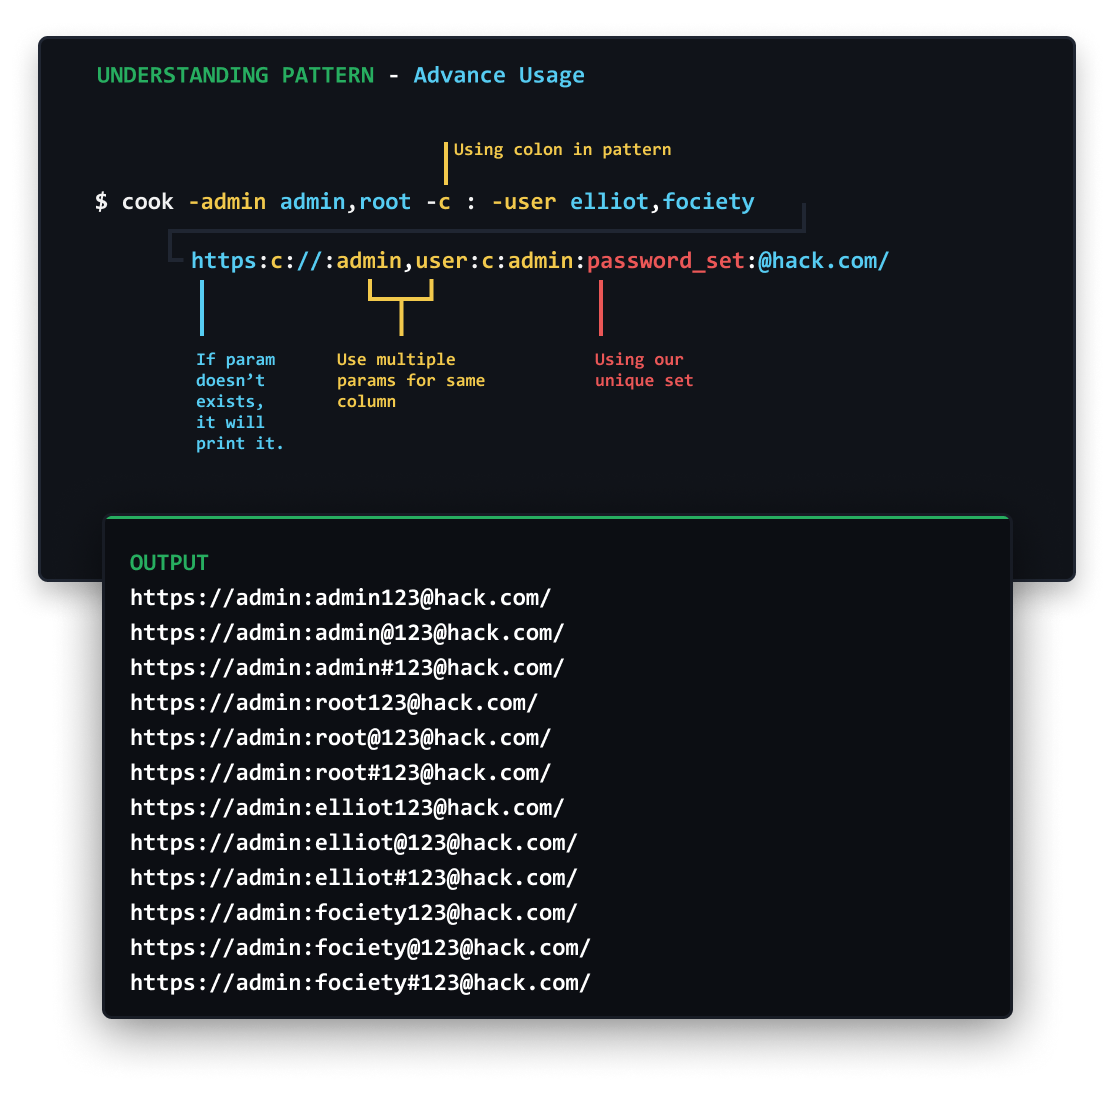 👨🍳 cook:  настраиваемый словарик для брутфорса и генератор паролей